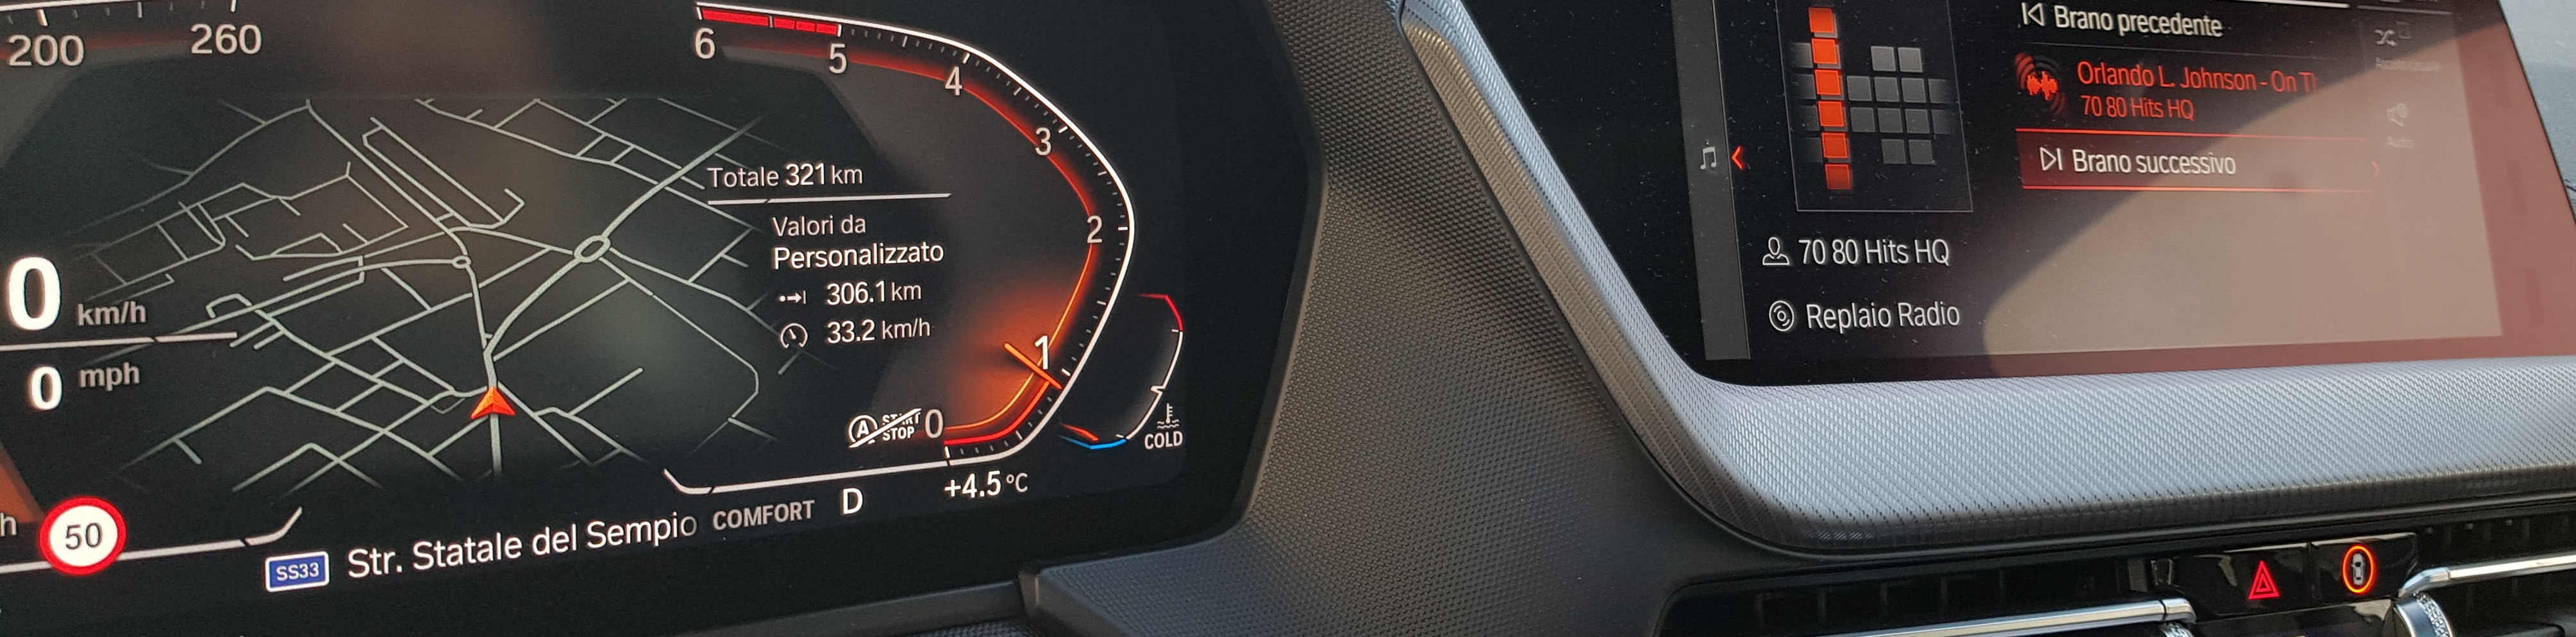 BMW serie 1 numero III - Radio 4.0. Test drive su connected car BMW: marginalizzata FM, dominano DAB+ e IP